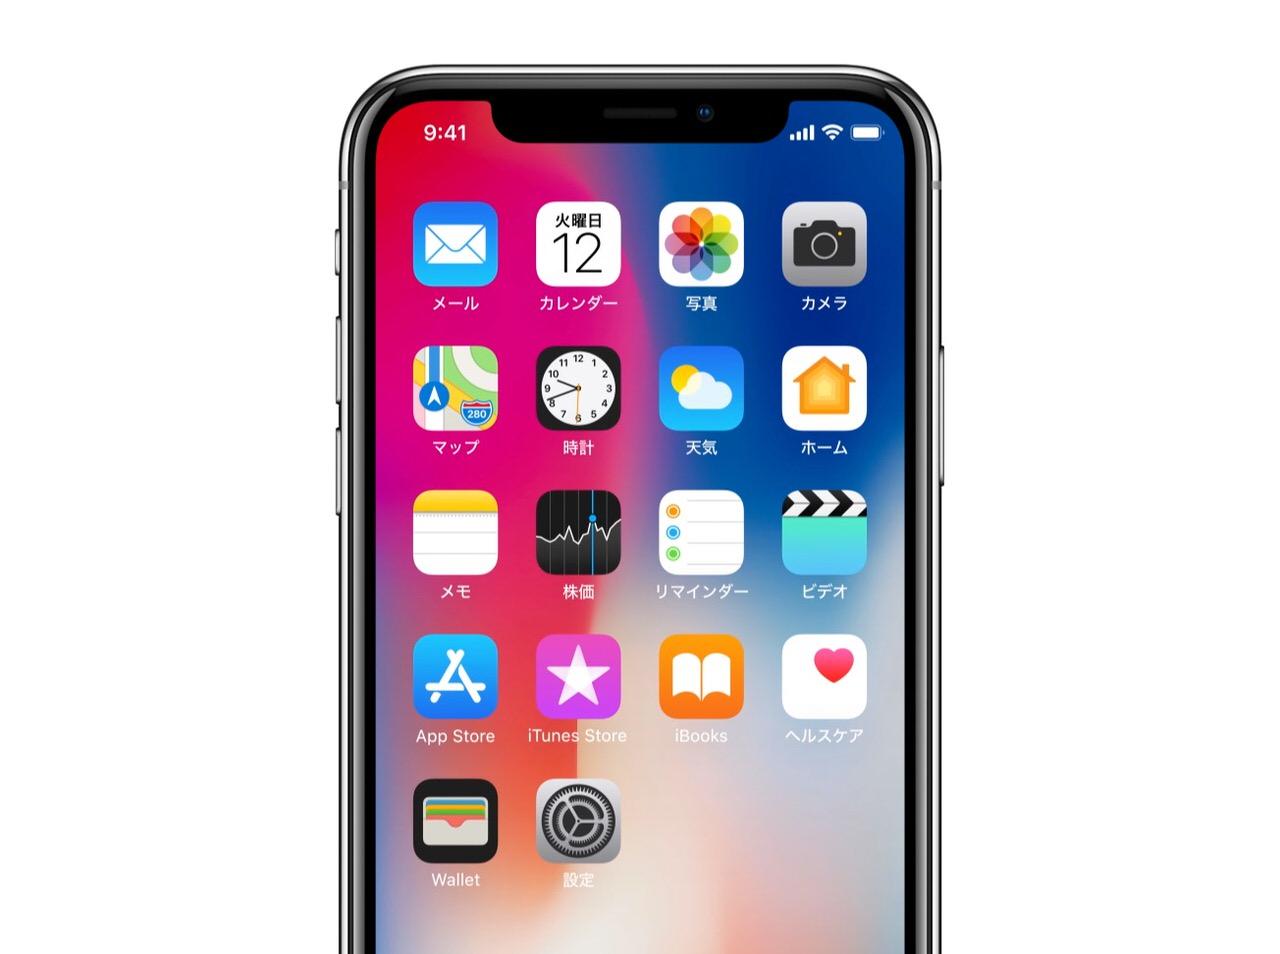 「iPhone Xの購入希望」は33.2% 〜マイナビニュースの調査より